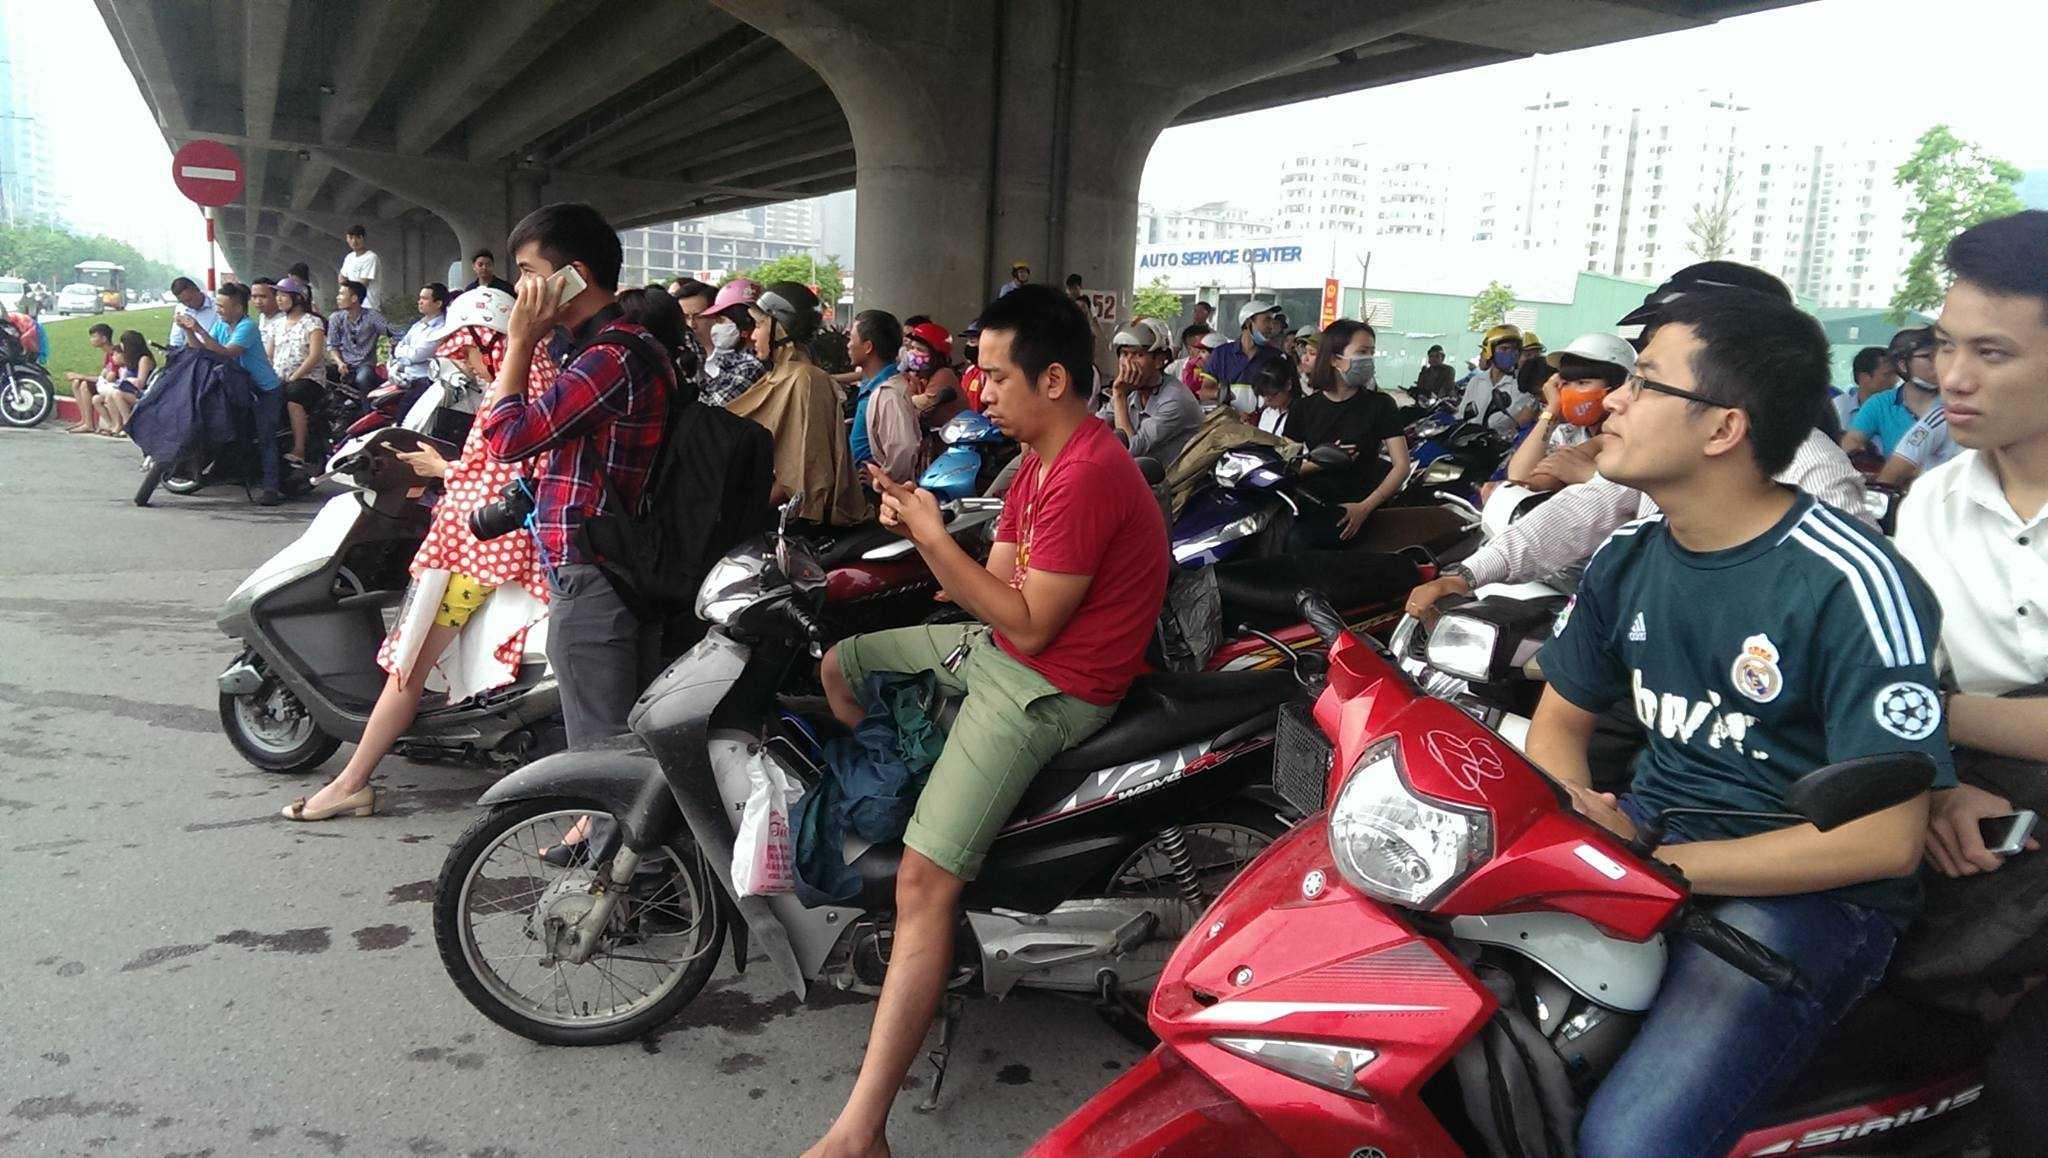 Dân Hà Nội đứng chờ được gặp Tổng thống Obama - Ảnh: phạm Thinh